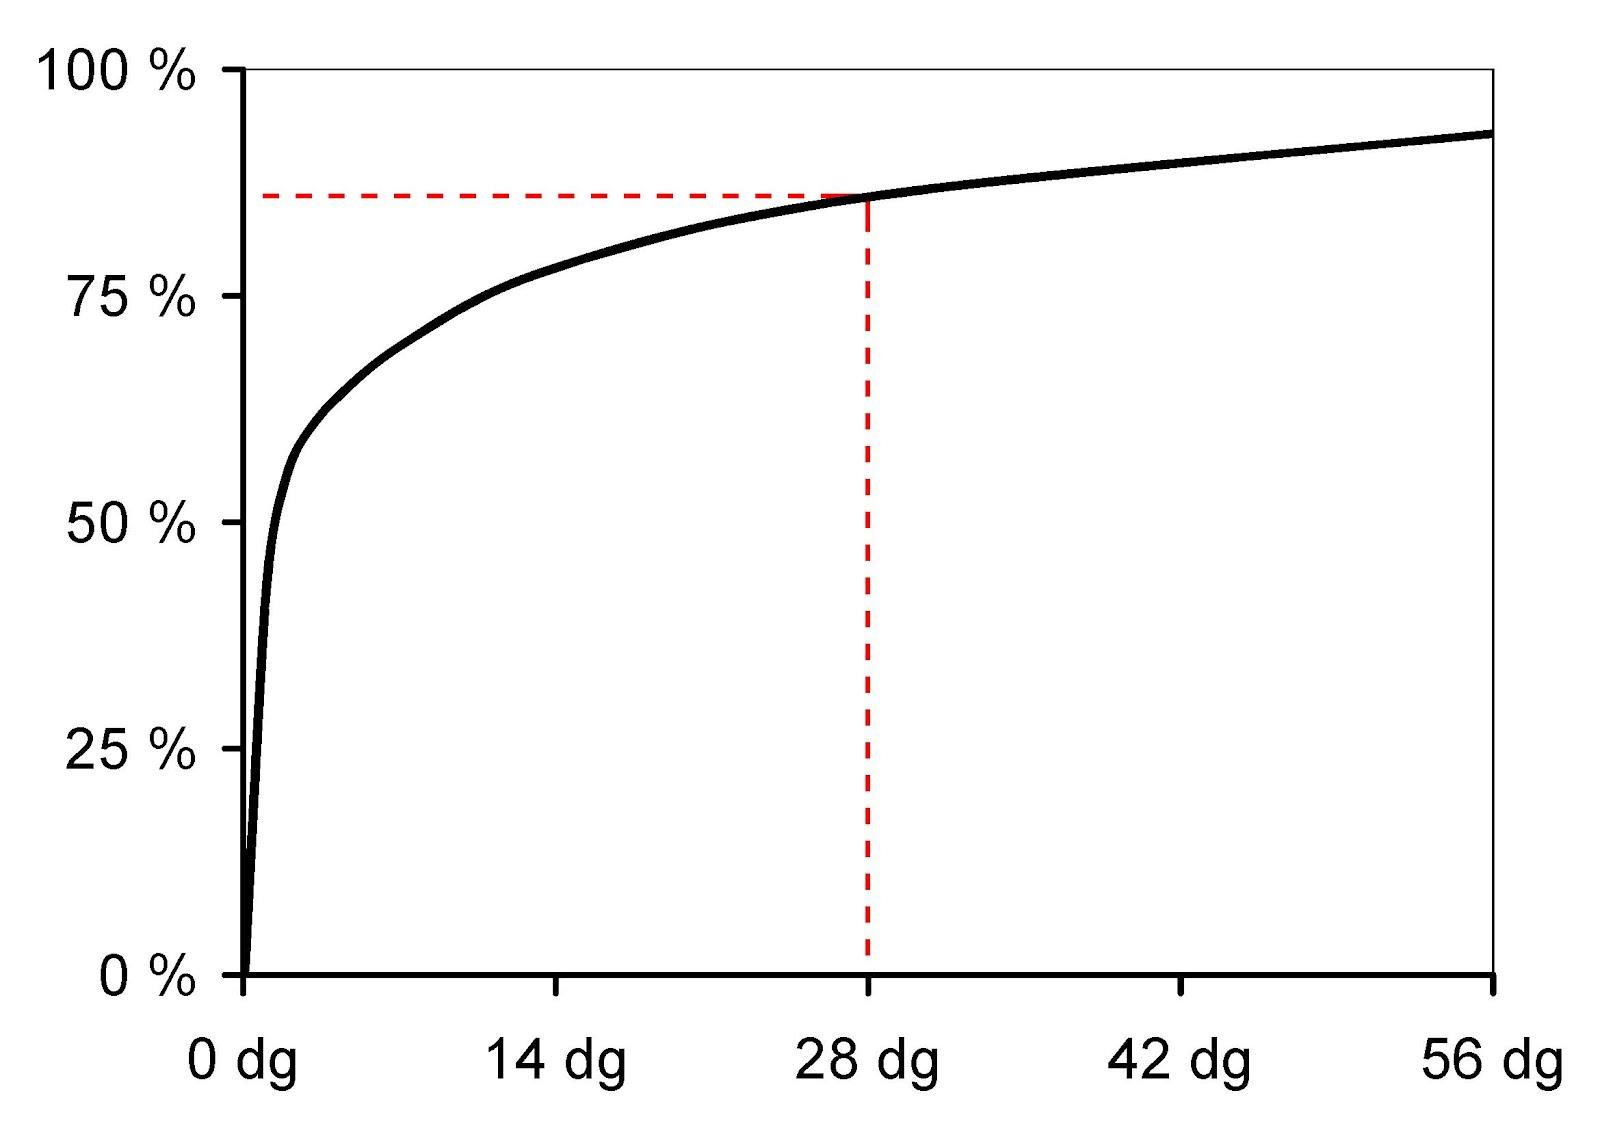 estructuras de hormigon armado cul es la etapa de en el hormign cunto dura y como se relaciona con la resistencia